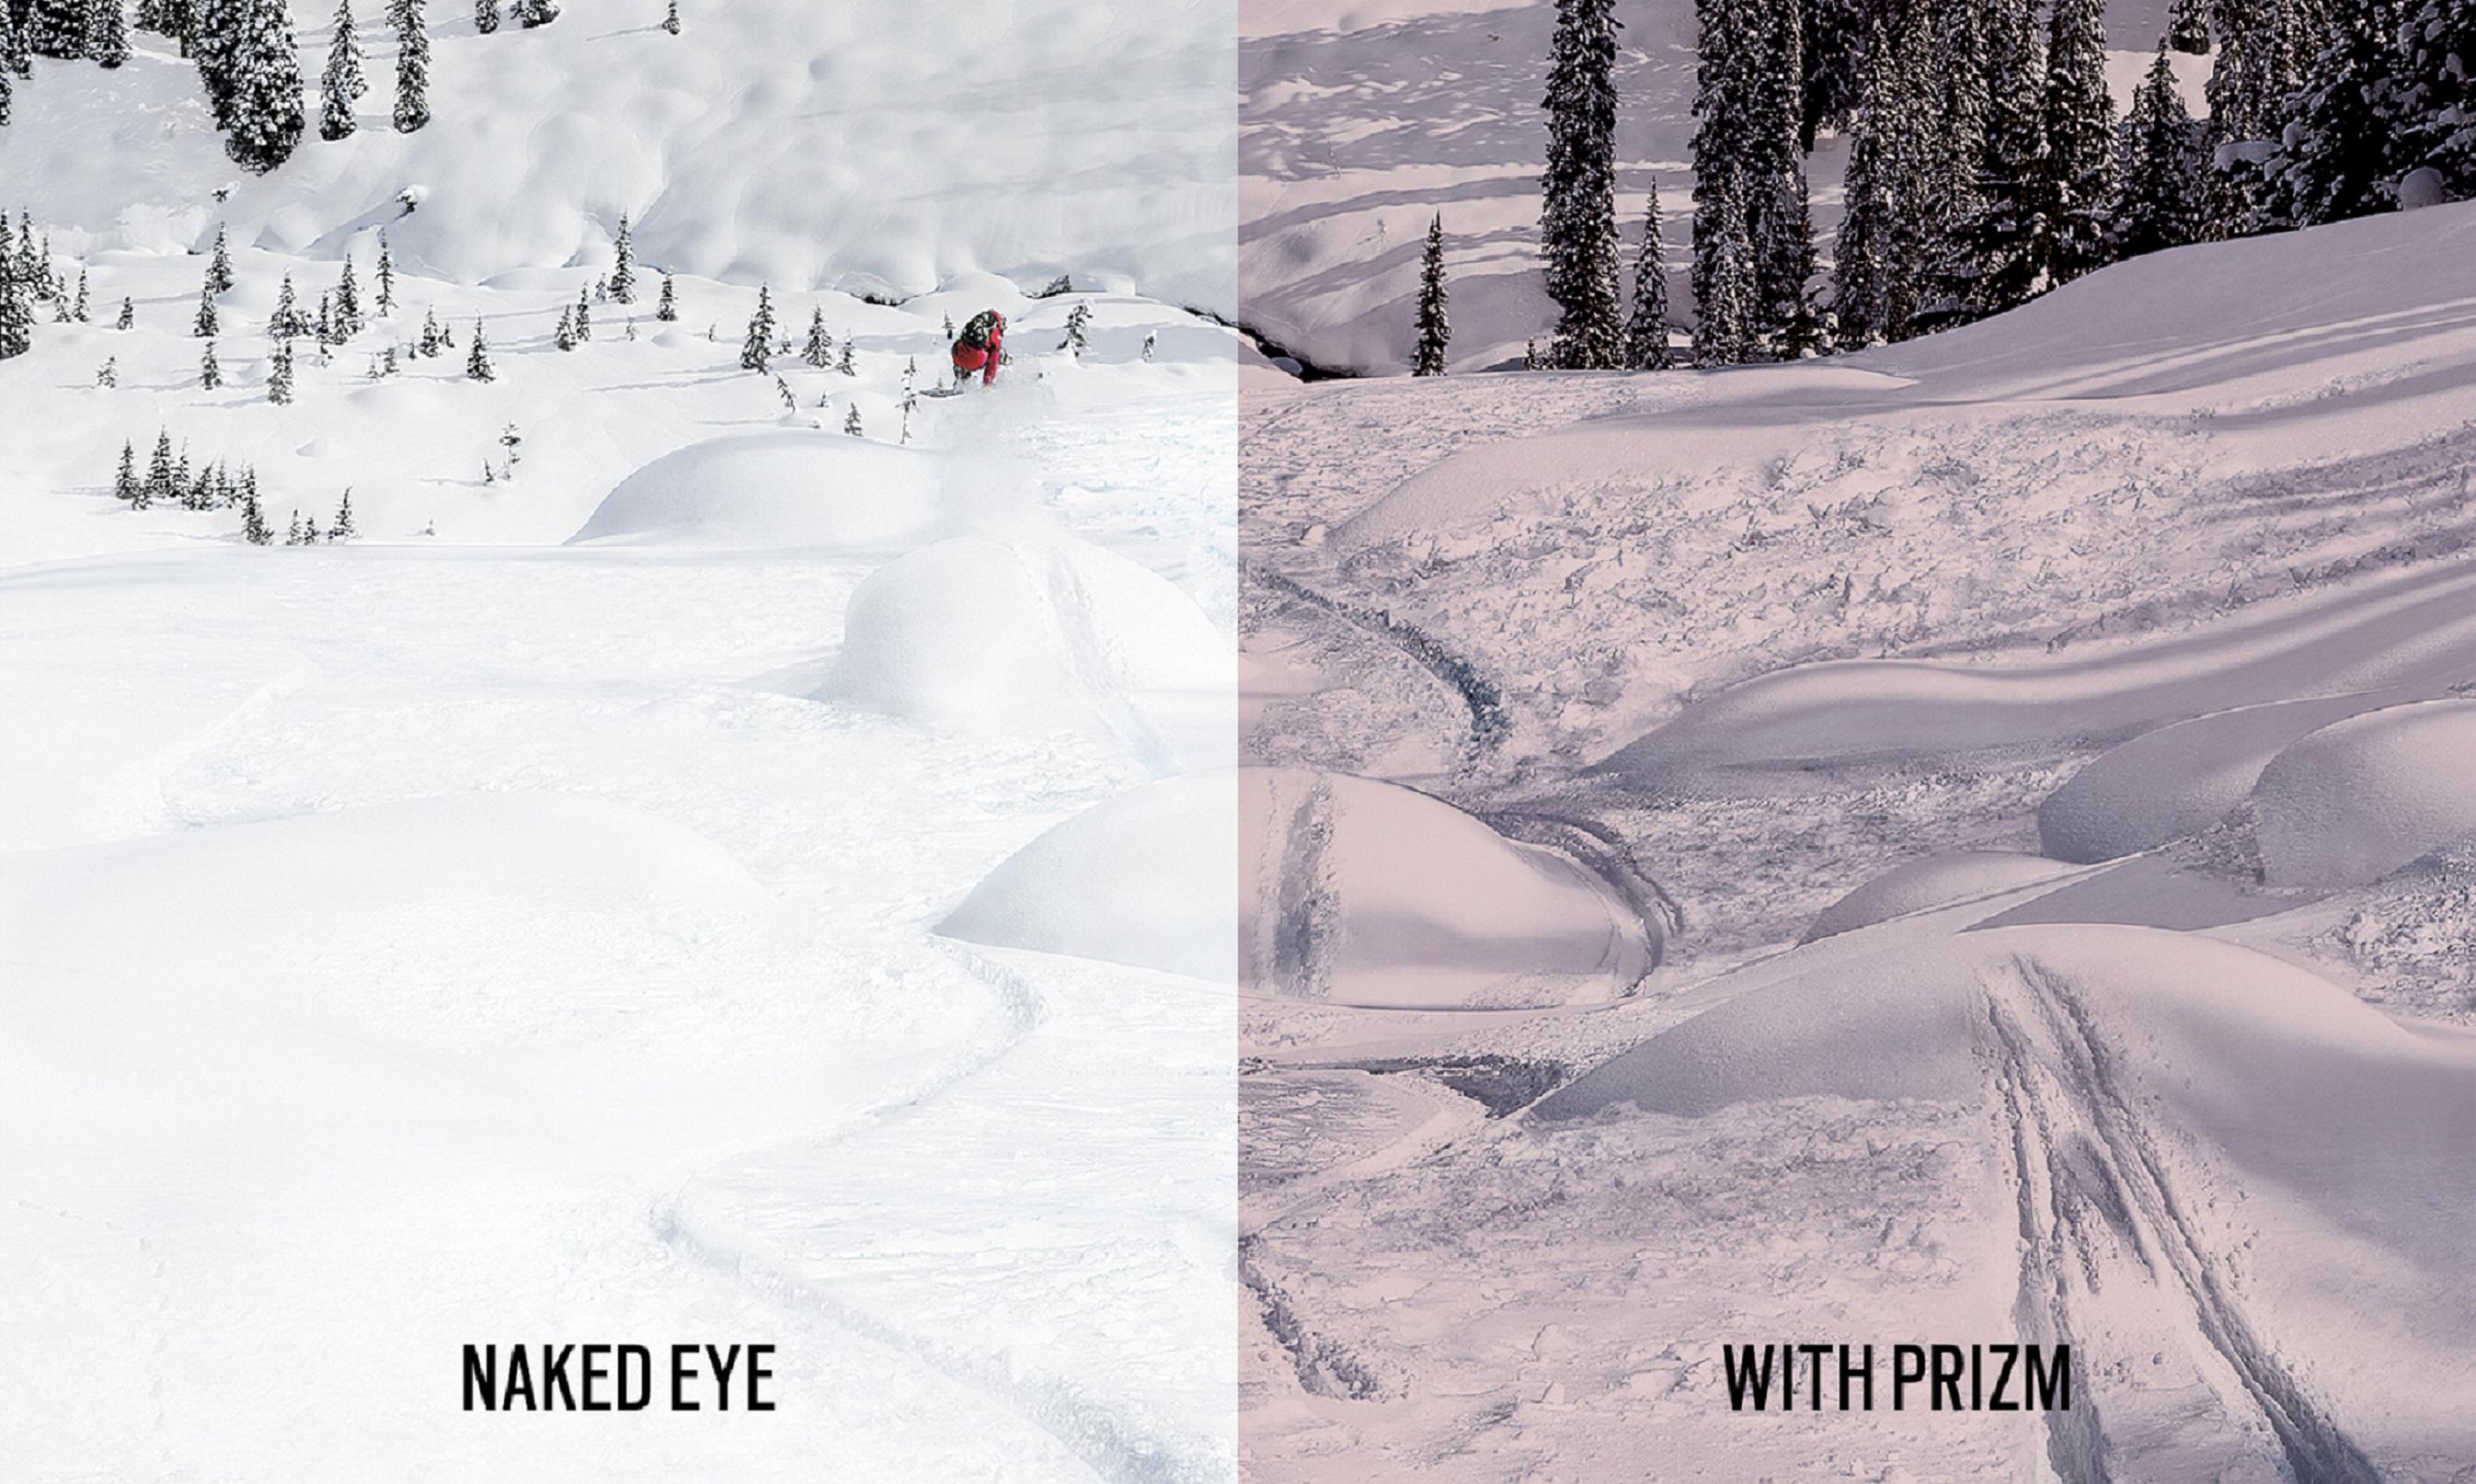 prizm snow split